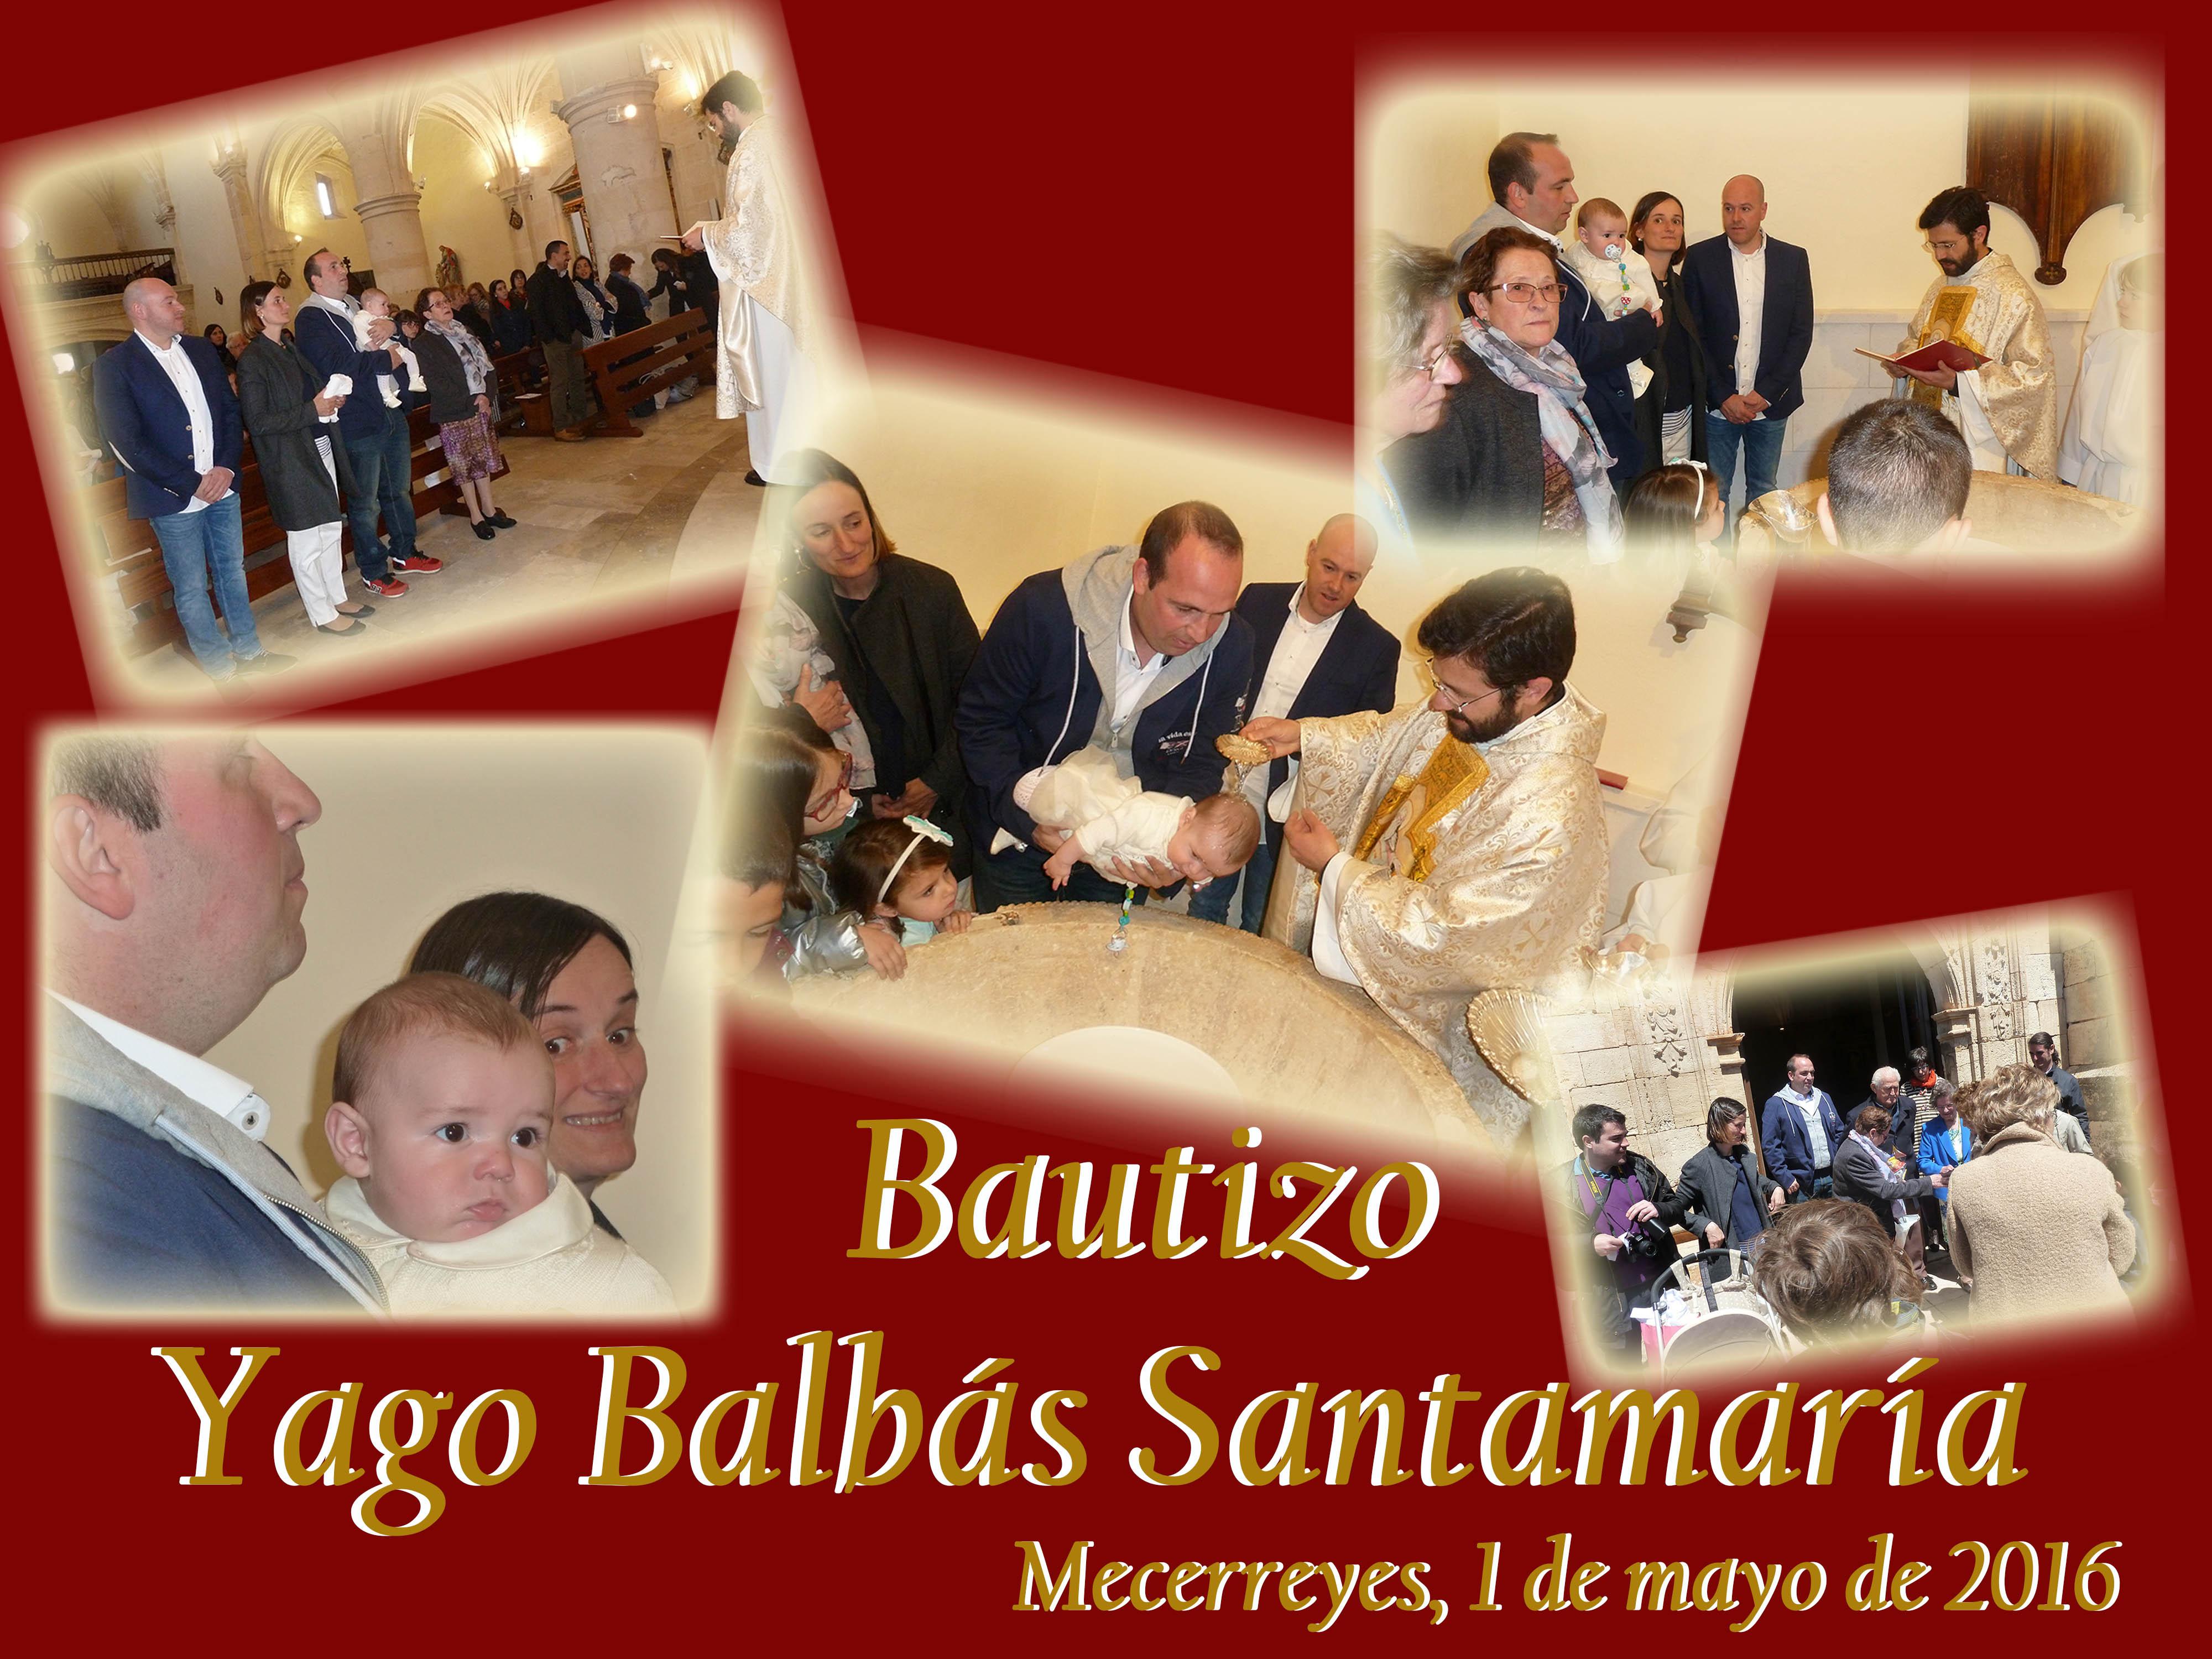 Bautizo Yago Balbás Santamaría, Mecerreyes 1 de mayo de 2016